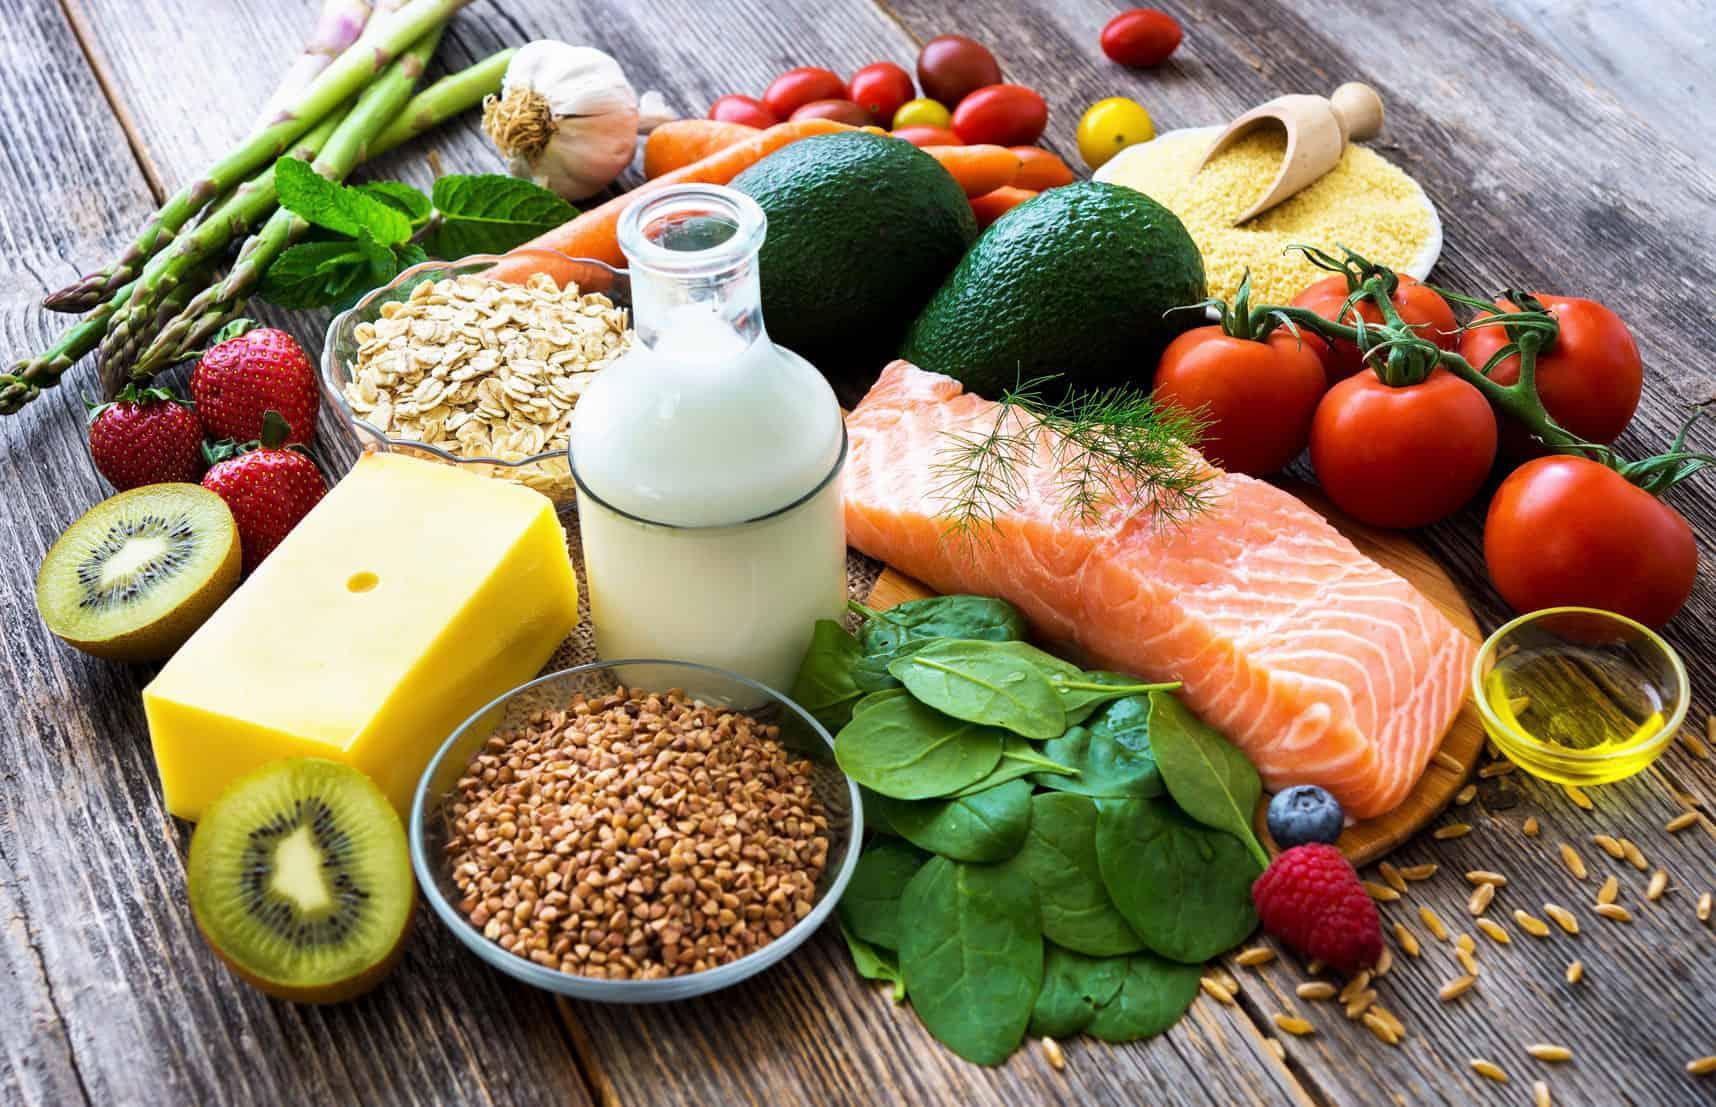 Manger santé, c'est quoi ?